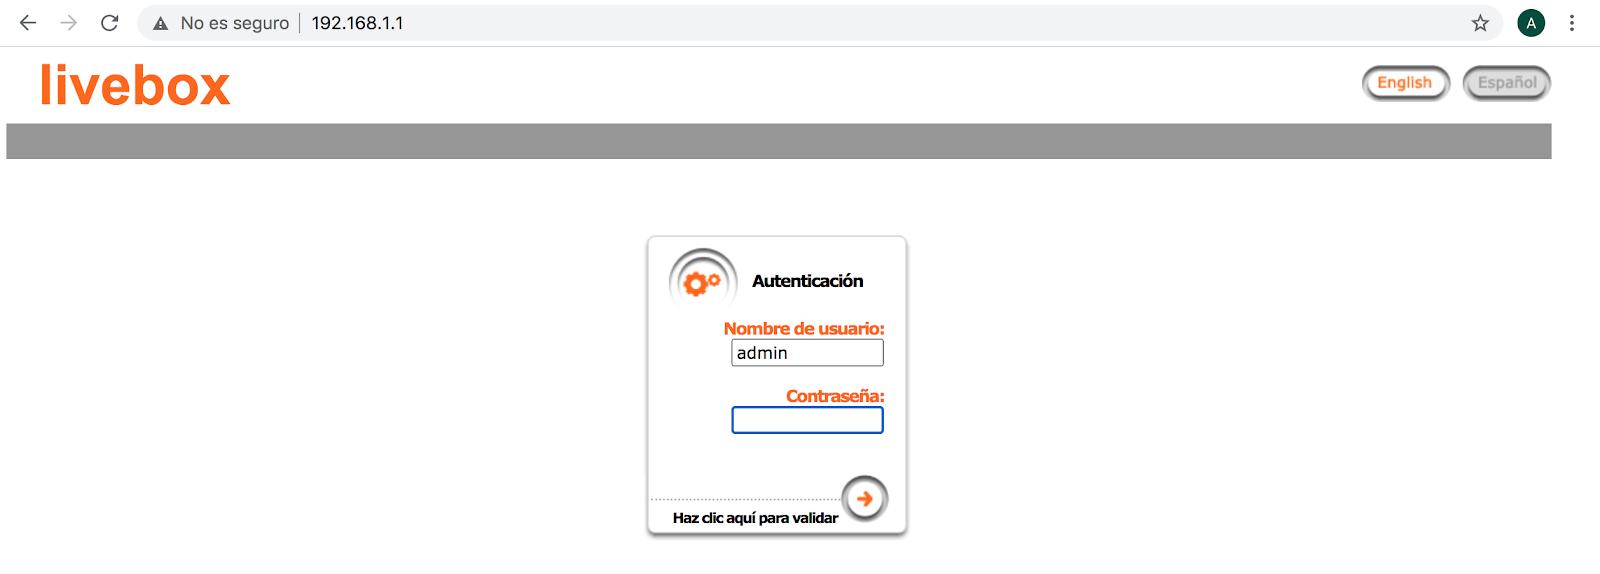 Acceso router Jazztel via web